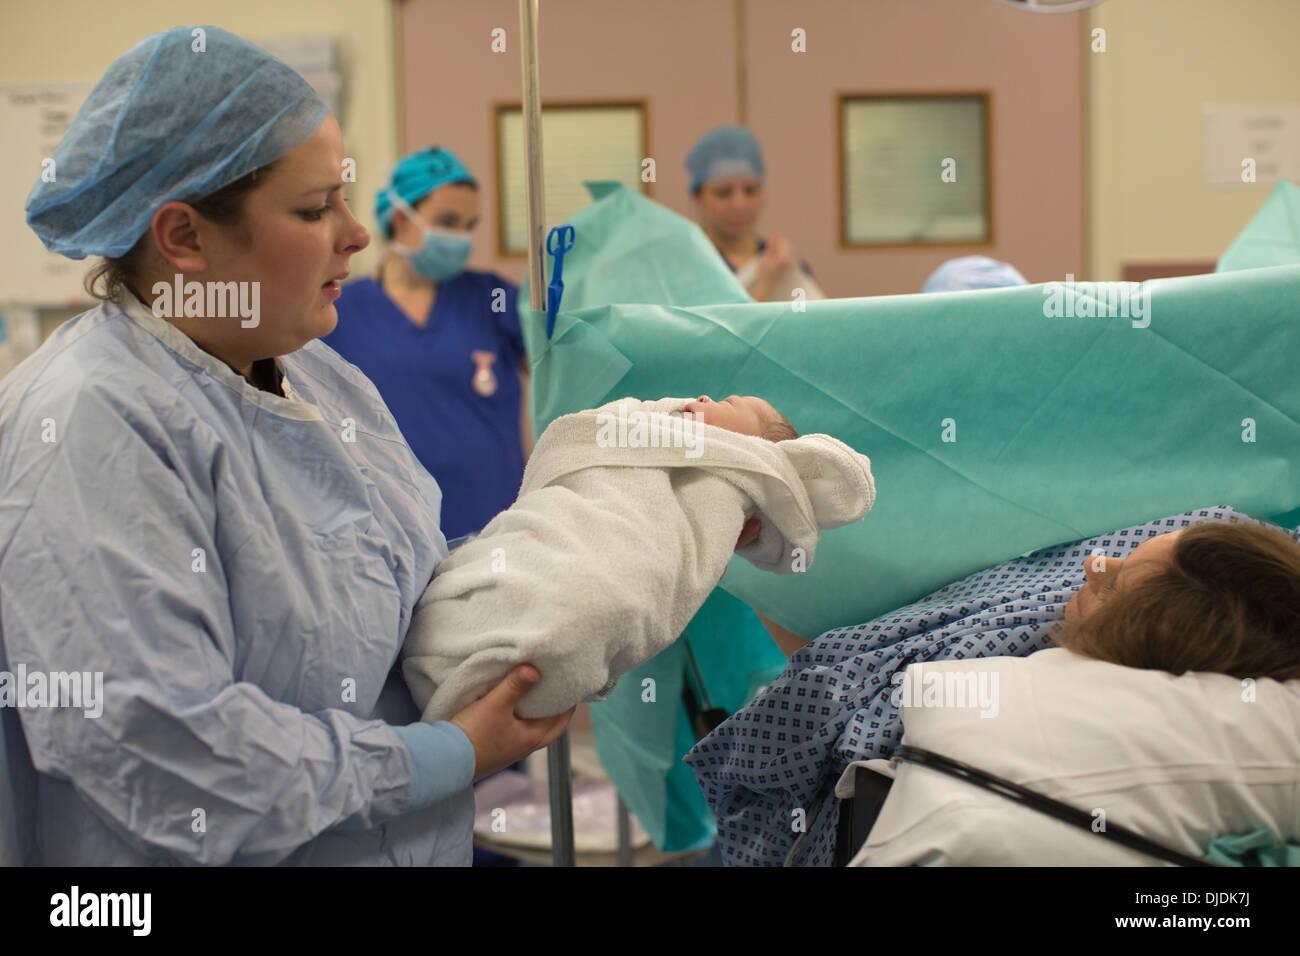 Bébé nouveau-né garçon d'être vérifié par des infirmières à l'hôpital théâtre de la maternité sur la salle de travail à l'hôpital, Kingston Upon Thames, Royaume-Uni Photo Stock